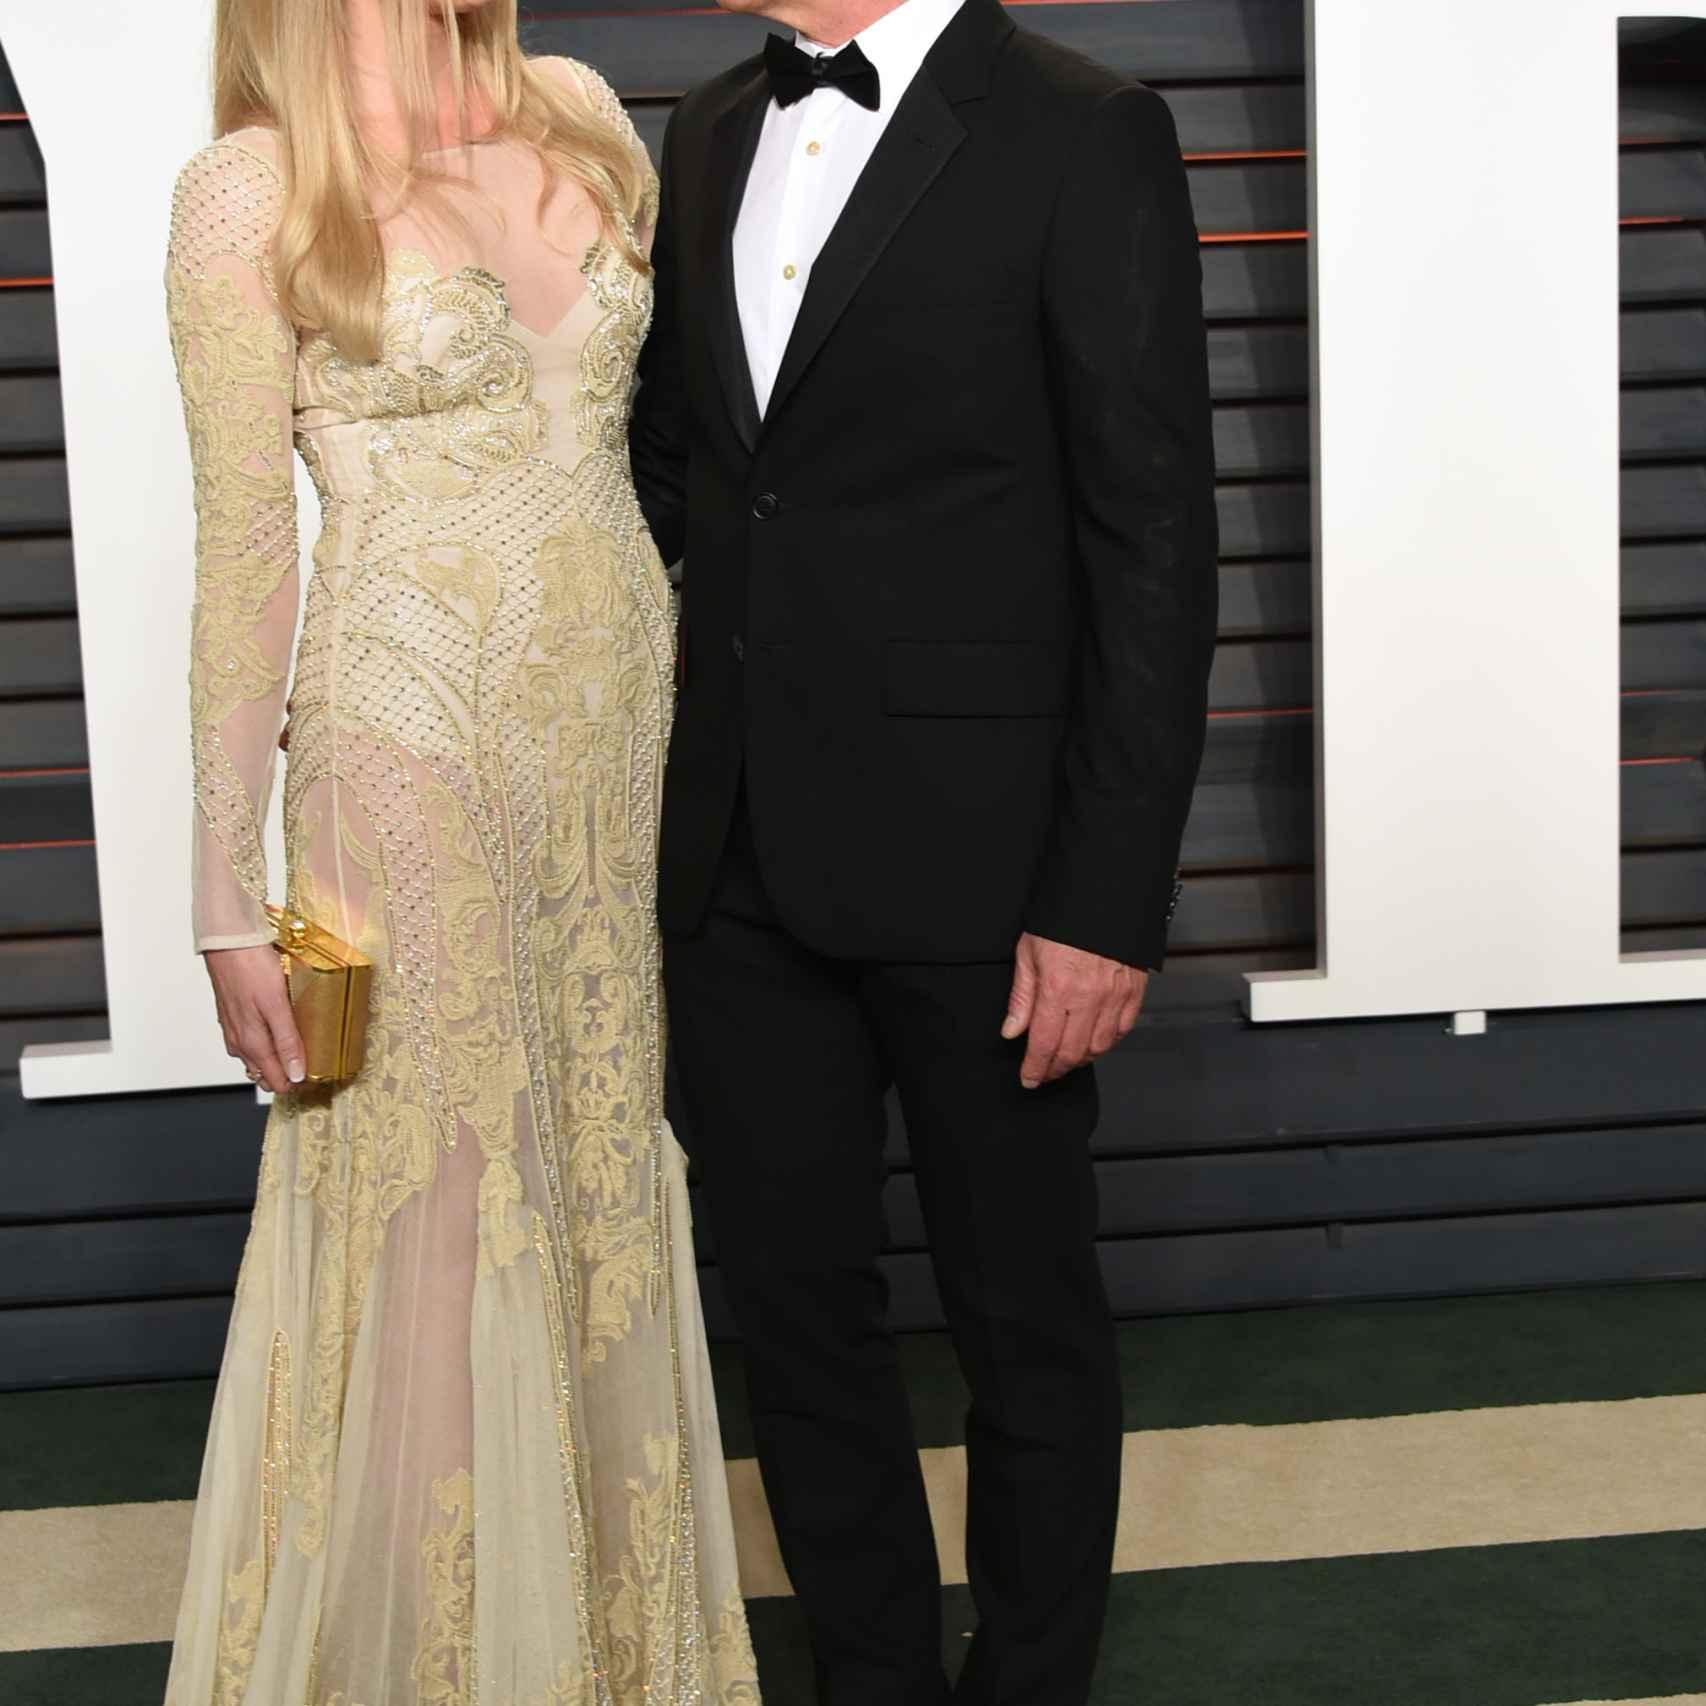 Banderas y su novia Nicole Kimpel en la fiesta de los Oscar organizada por Vanity Fair